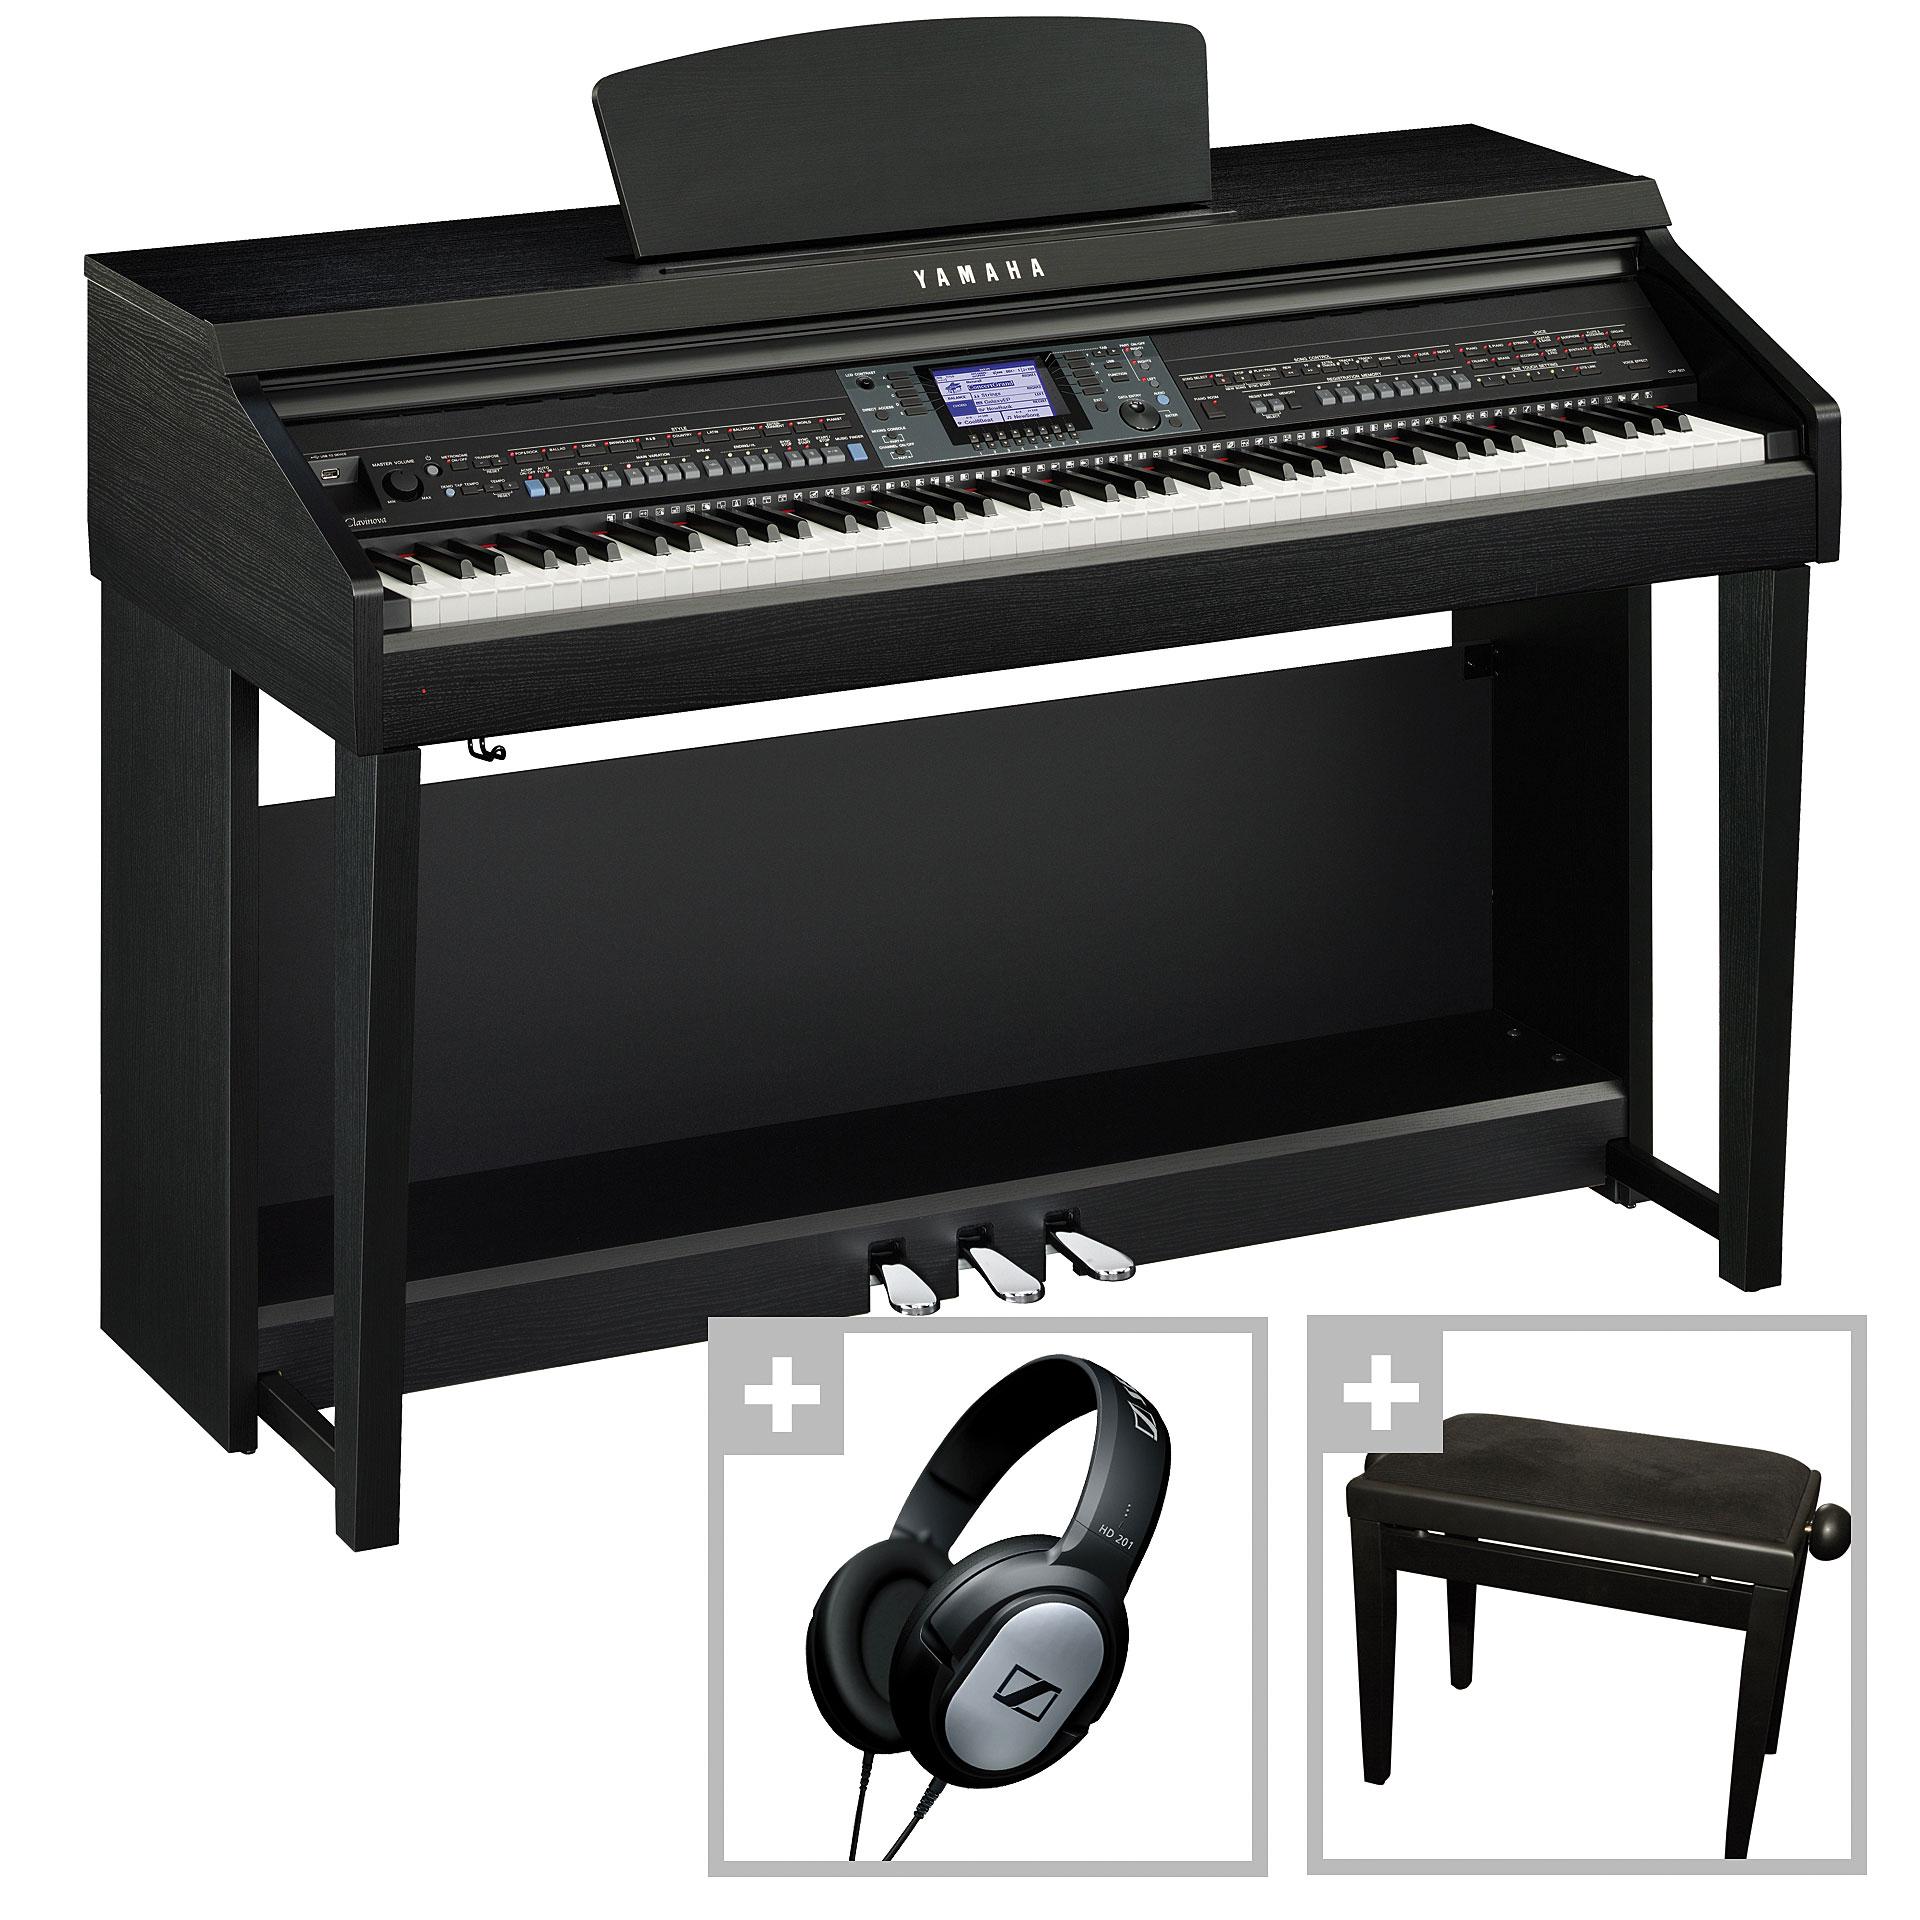 Yamaha clavinova cvp 601 b bundle digital piano for Yamaha clavinova cvp 601